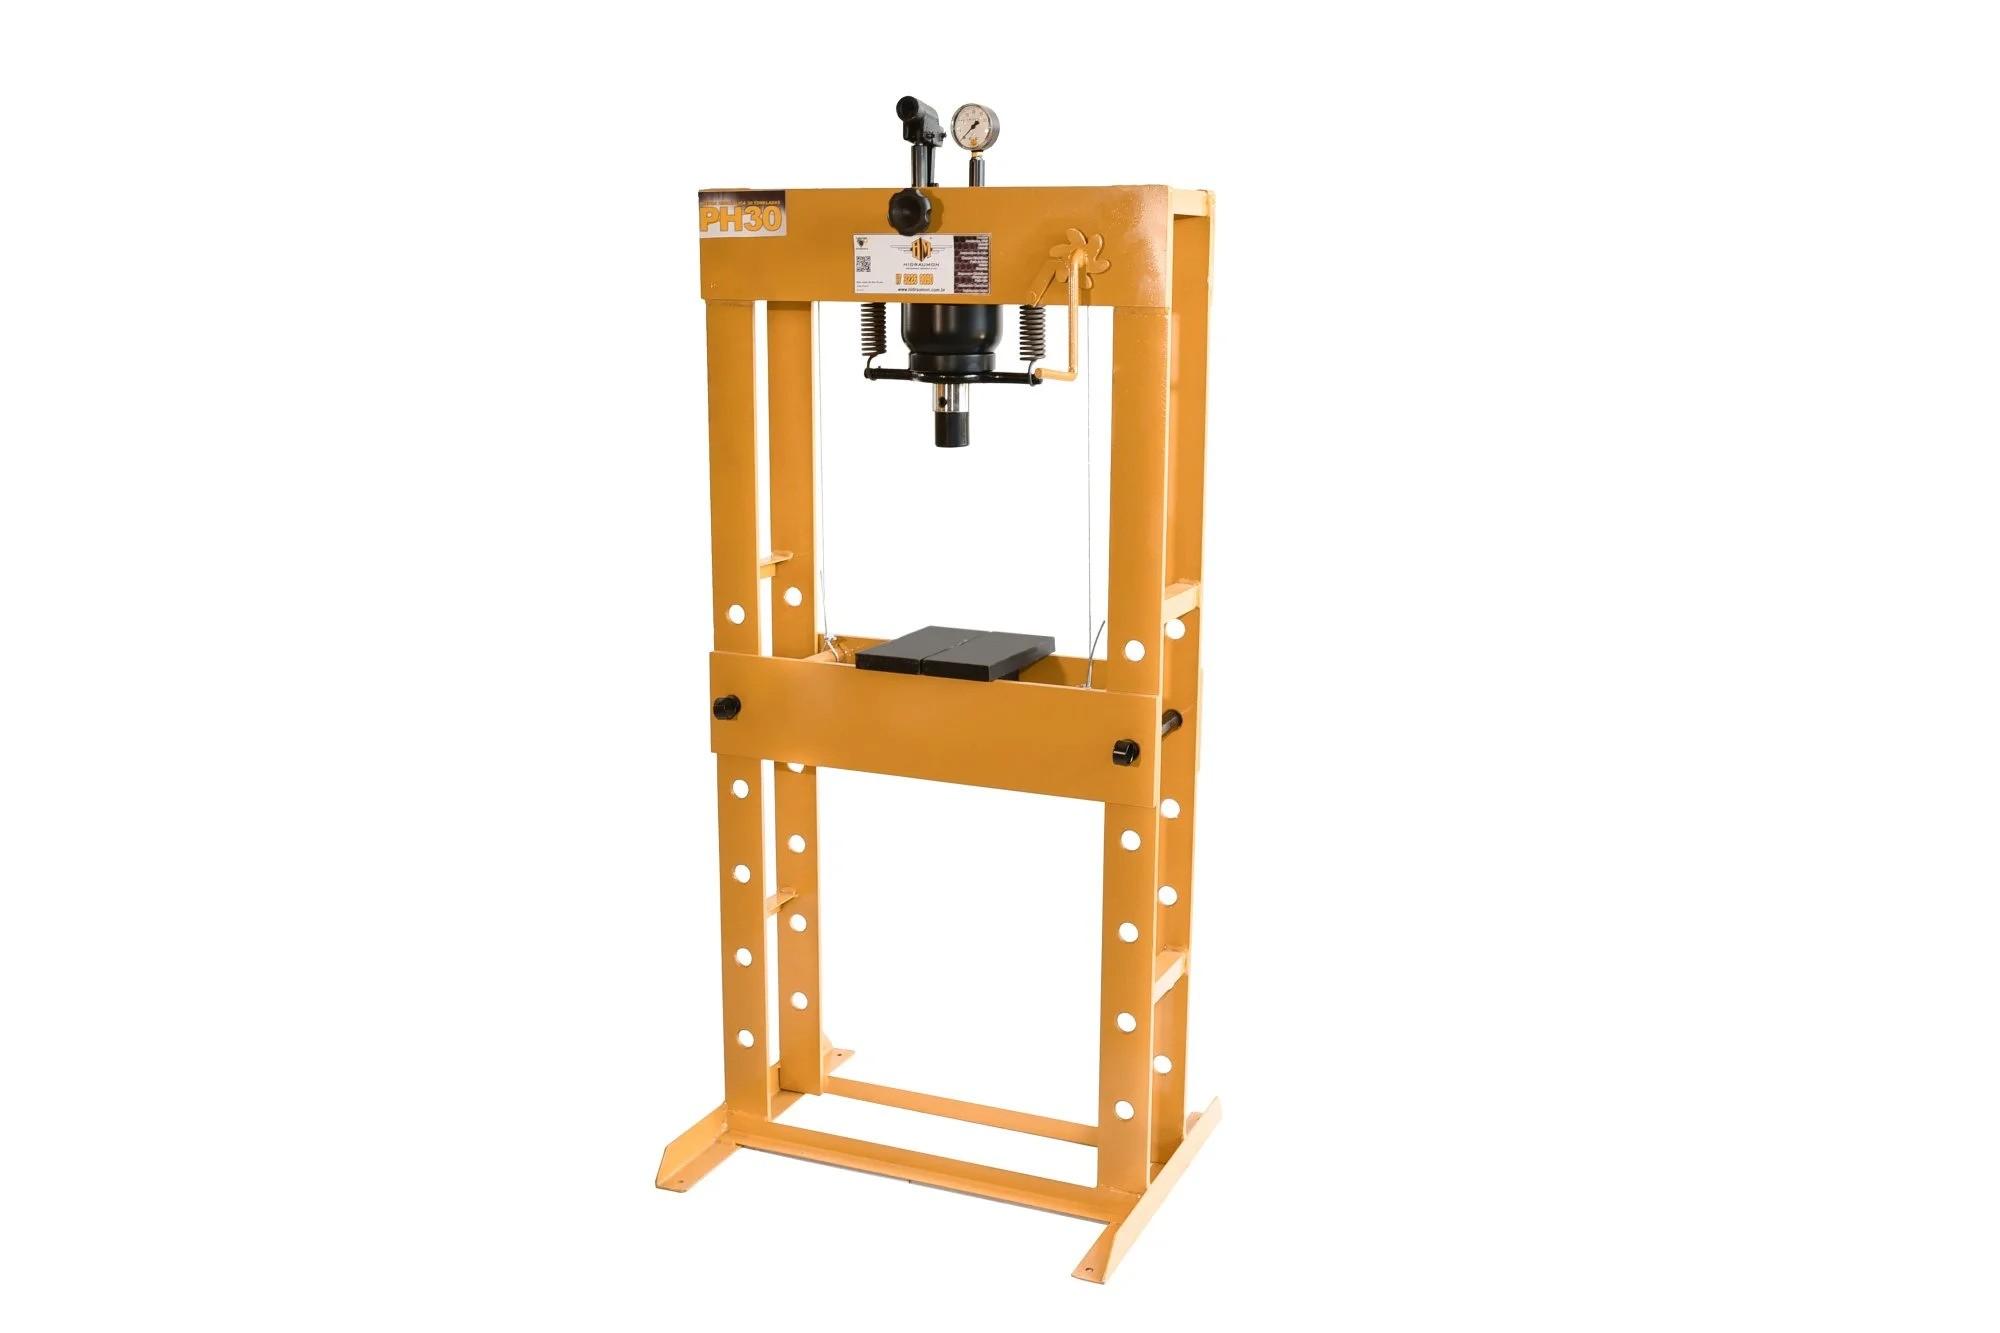 Prensa Hidráulica c/ capacidade de 30 Toneladas PH30 - Hidraumon